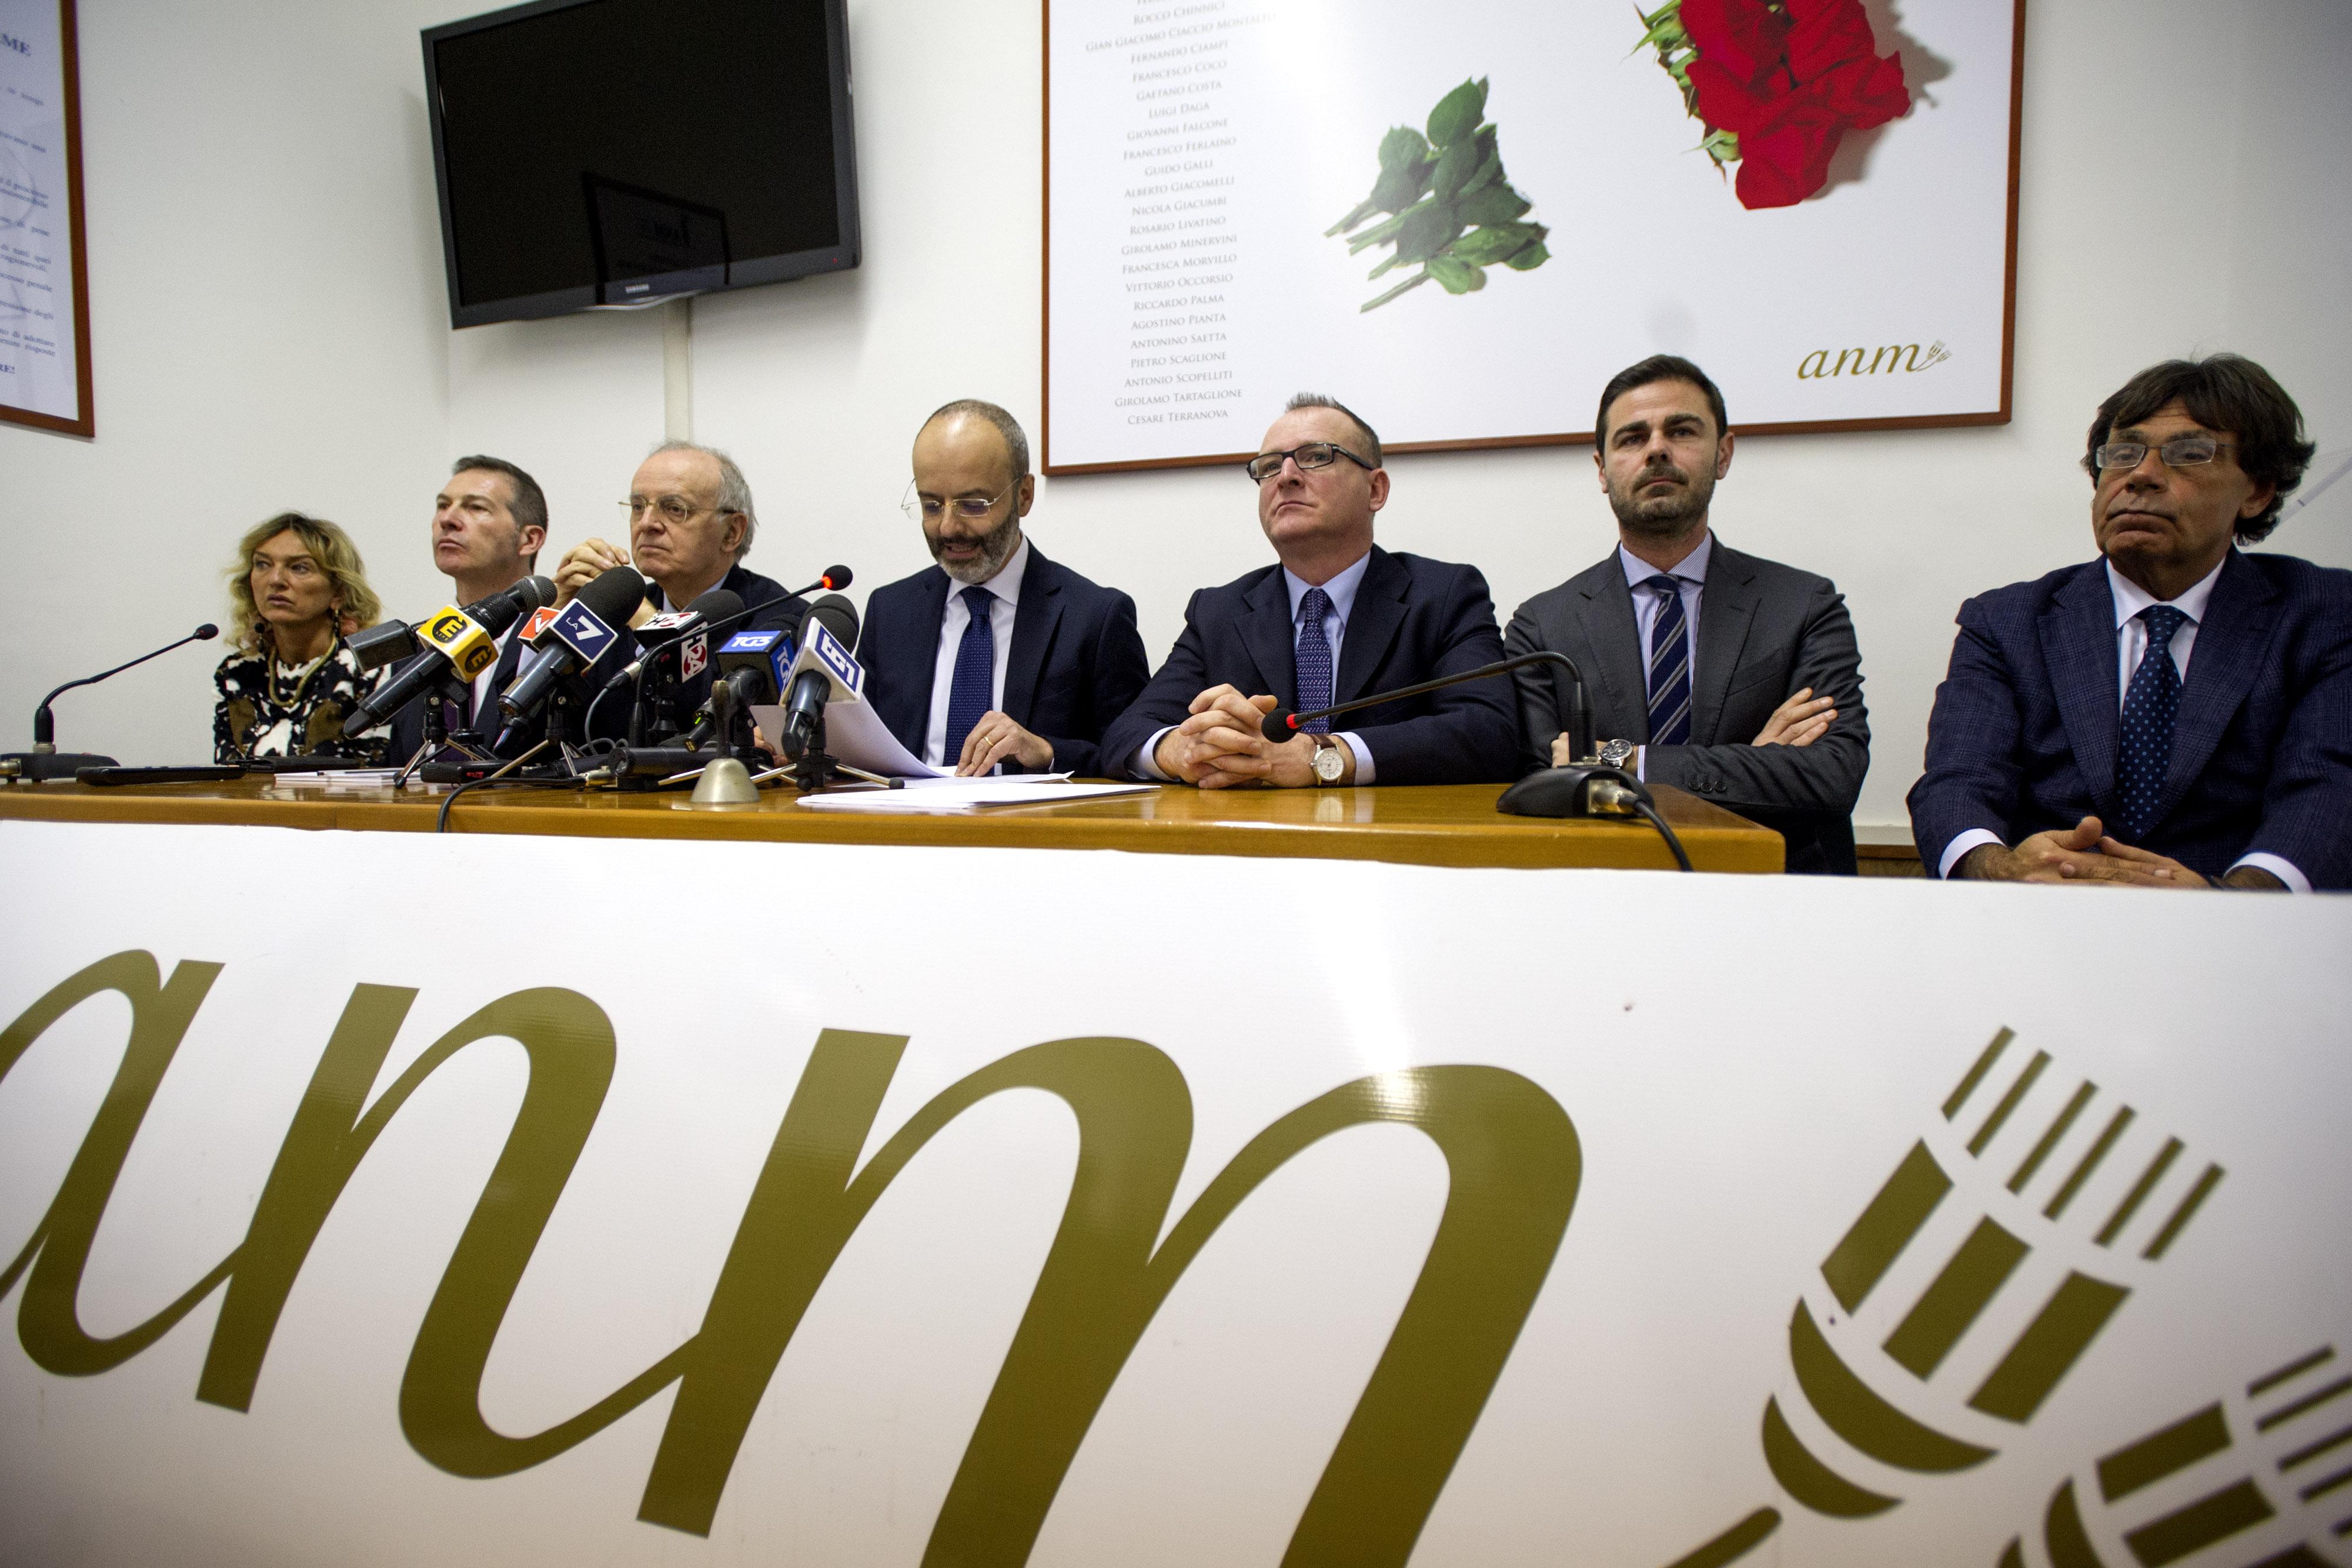 CON LA LEGITTIMA DIFESA SI LEGITTIMA L'OMICIDIO - L'Anm avverte sul